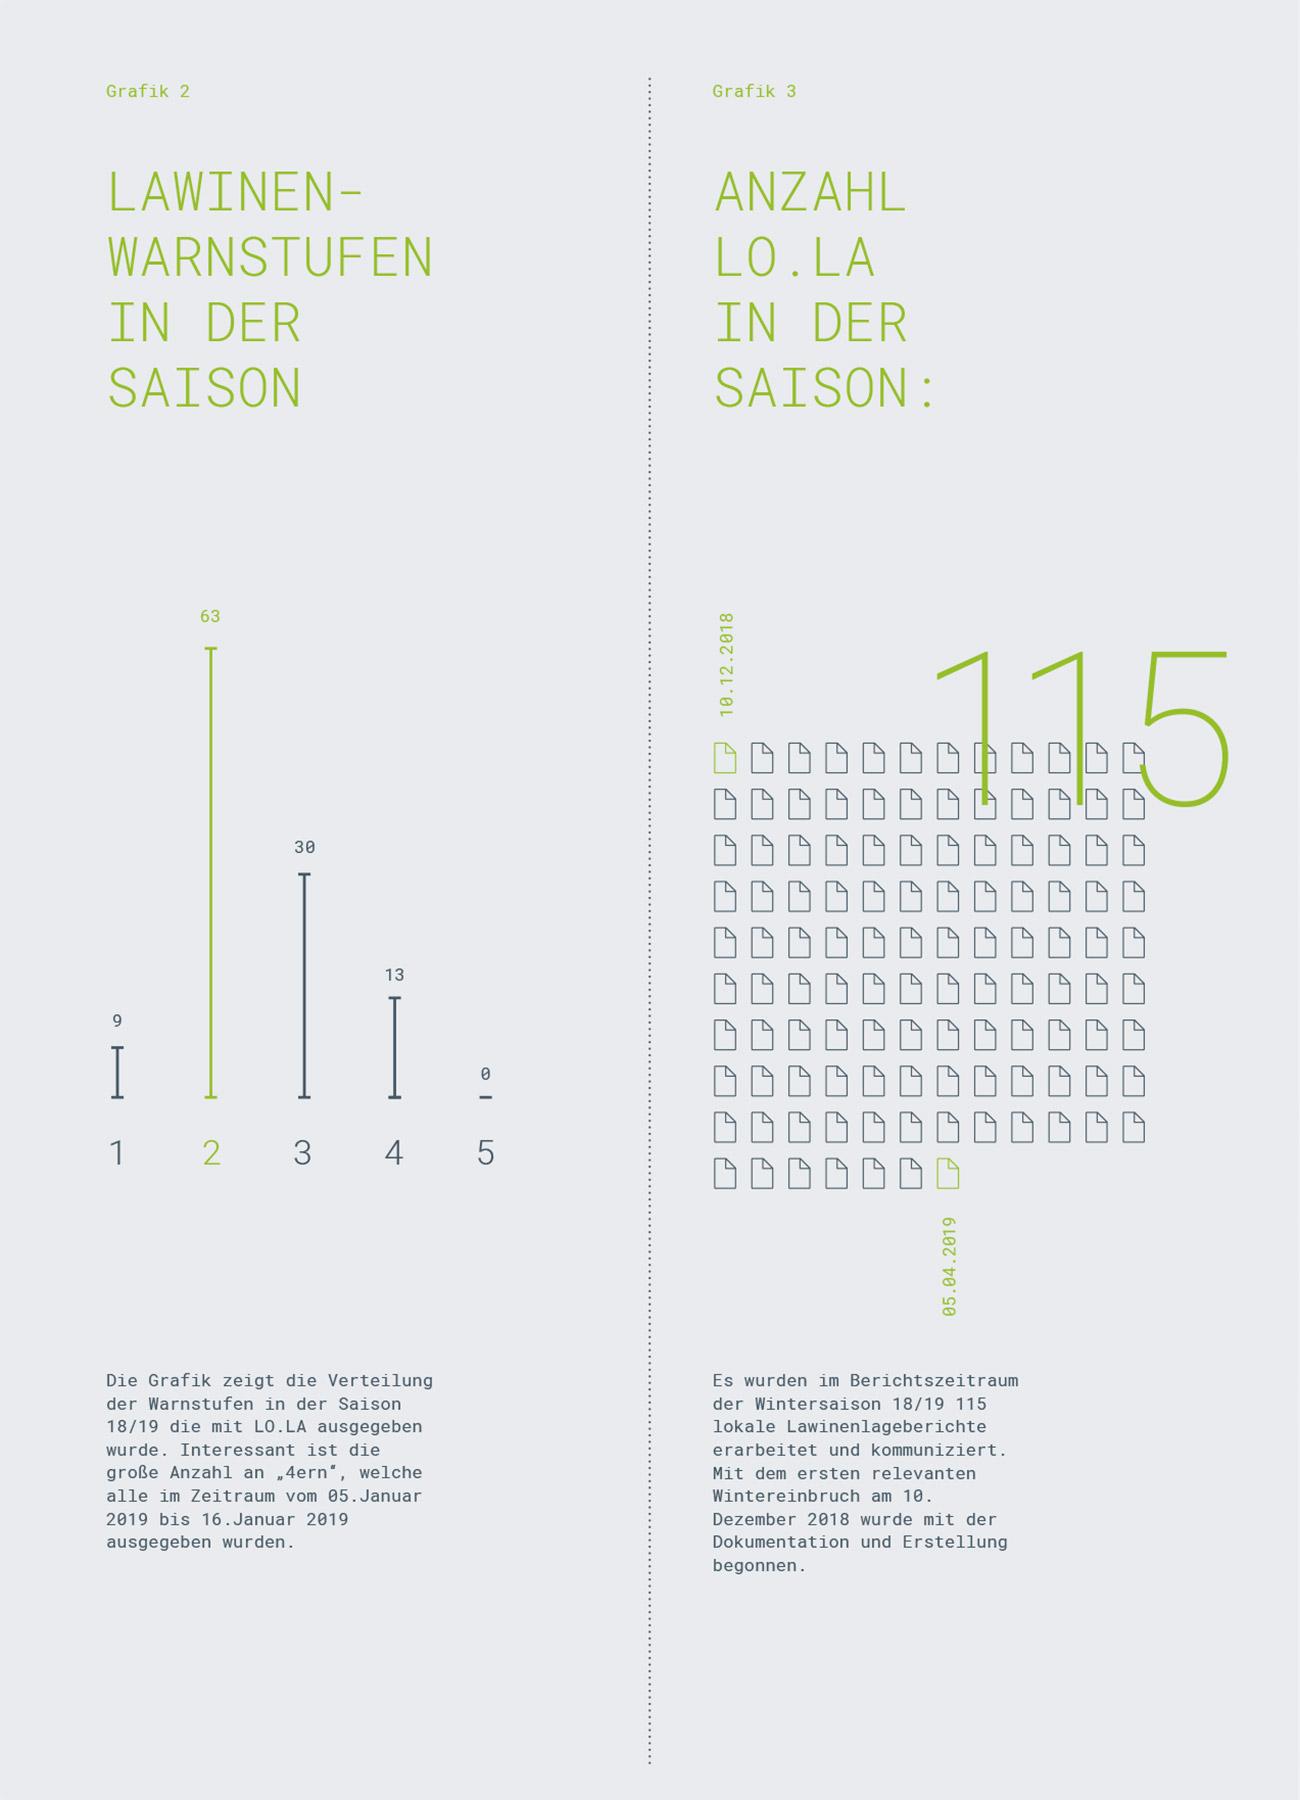 Referenz Skicircus Saalbach-Hinterglemm-Leogang-Fieberbrunn, Grafik 2+3   LO.LA Alpine Safety Management